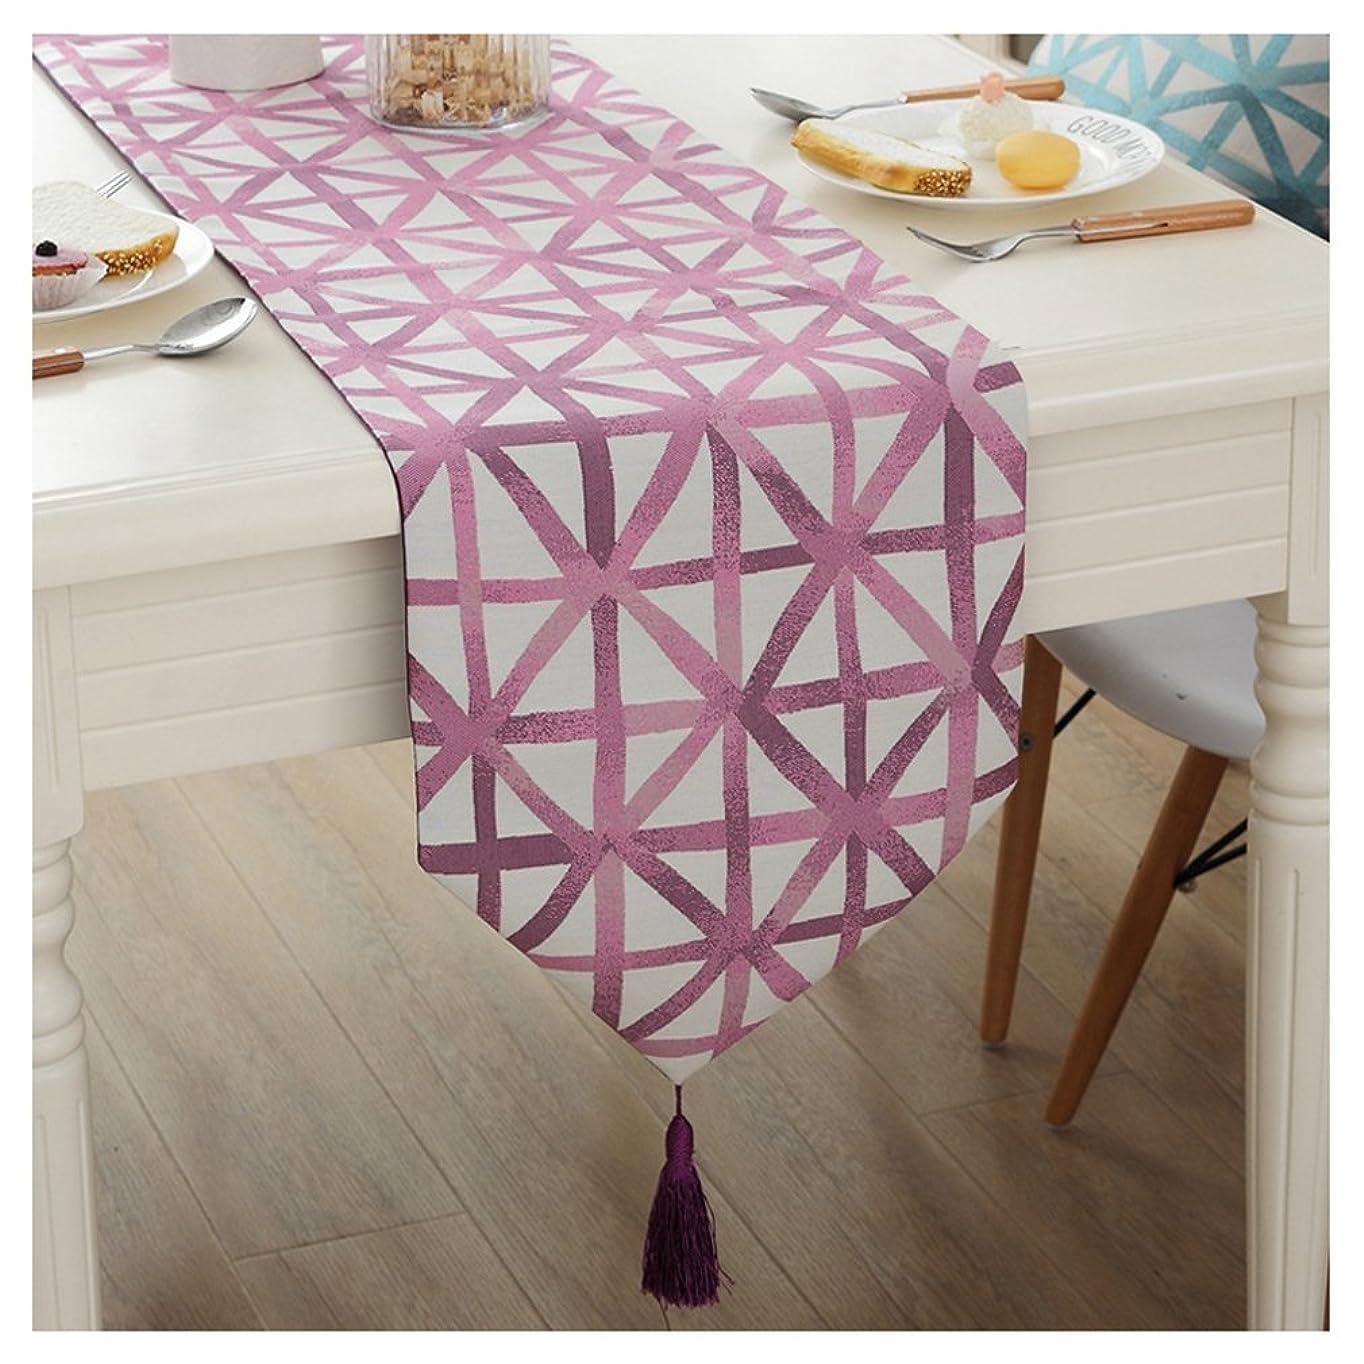 繊細何故なのチェス[Ziv-Nat] テーブルランナー パープル 紫 32×160cm 北欧 モダン 幾何模様 おしゃれ 洗える 裏無地 ジャカール アジアン 和風 ペンダント付き